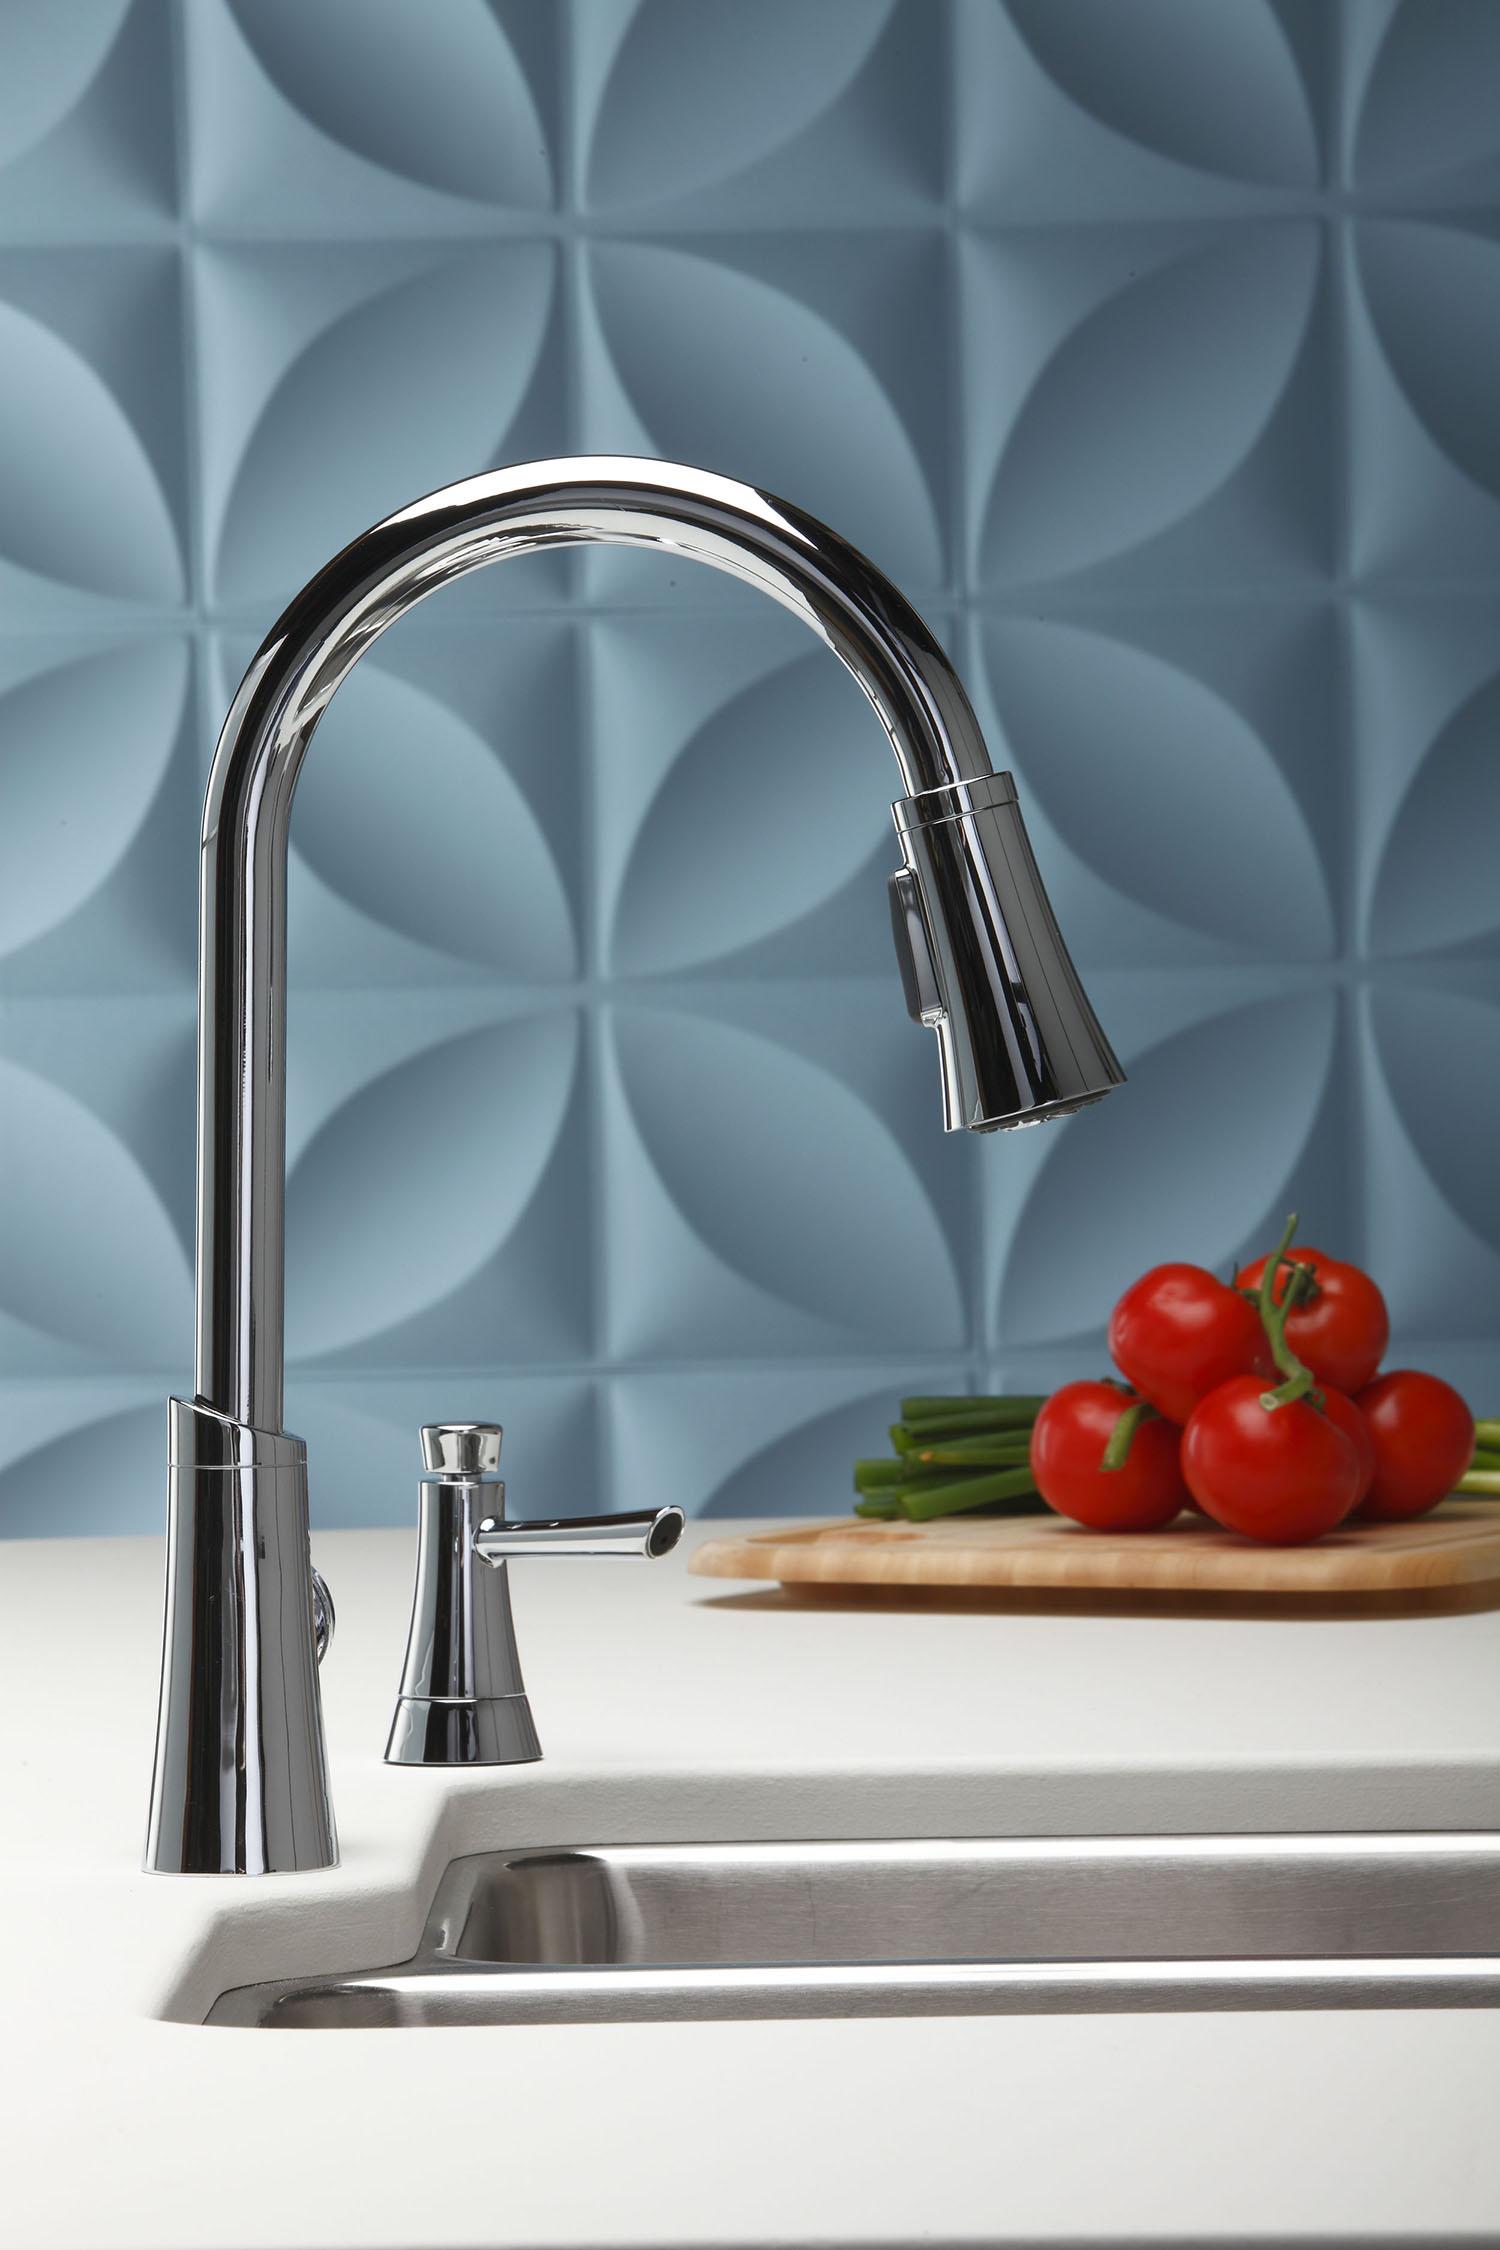 Torneira Gourmet com extensor e monocomando. Detalhe para o dispenser de detergente. Fonte.